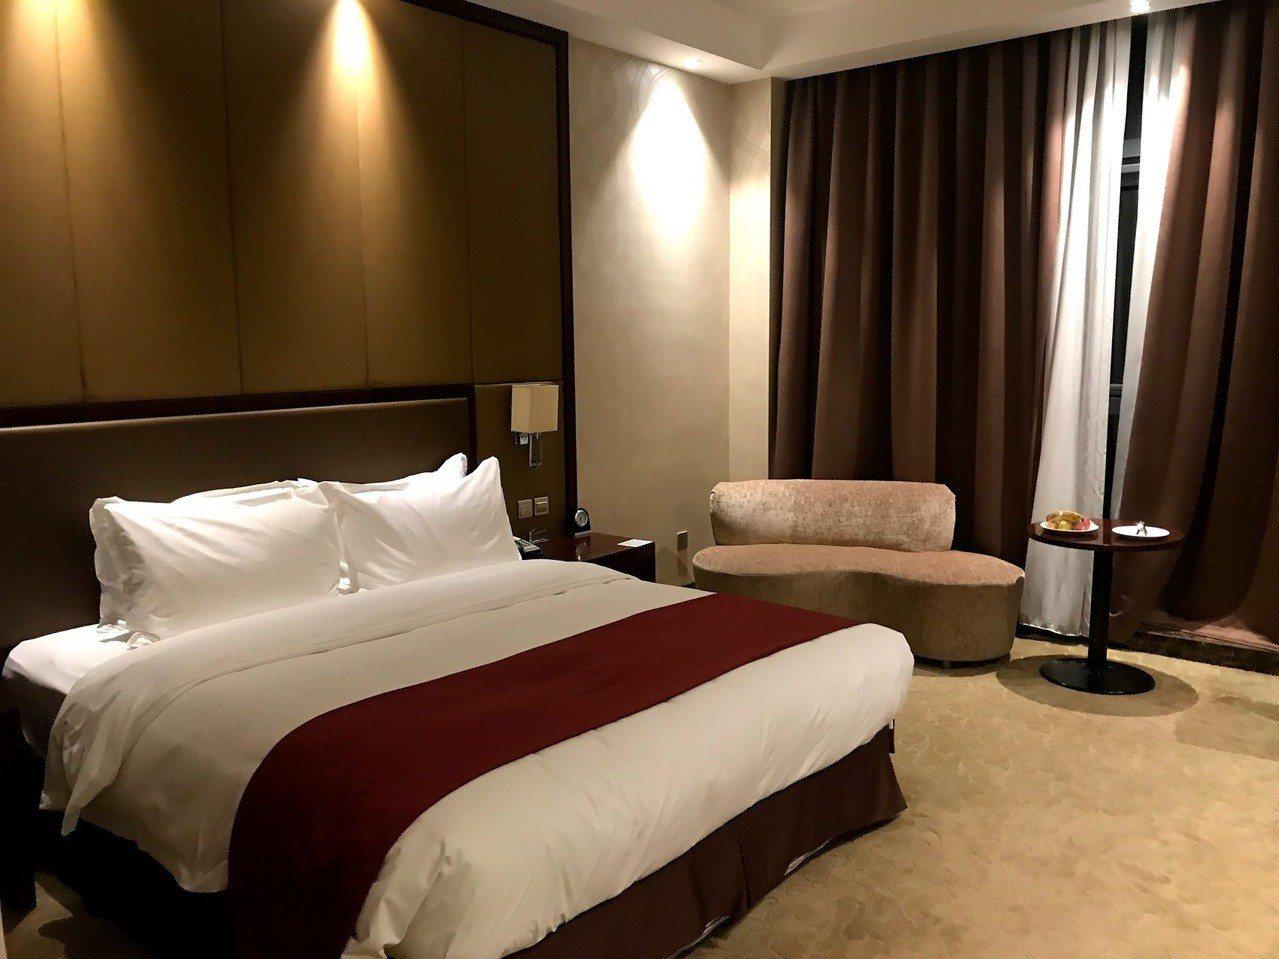 北京機場假日酒店的房間。圖文來自於:TripPlus